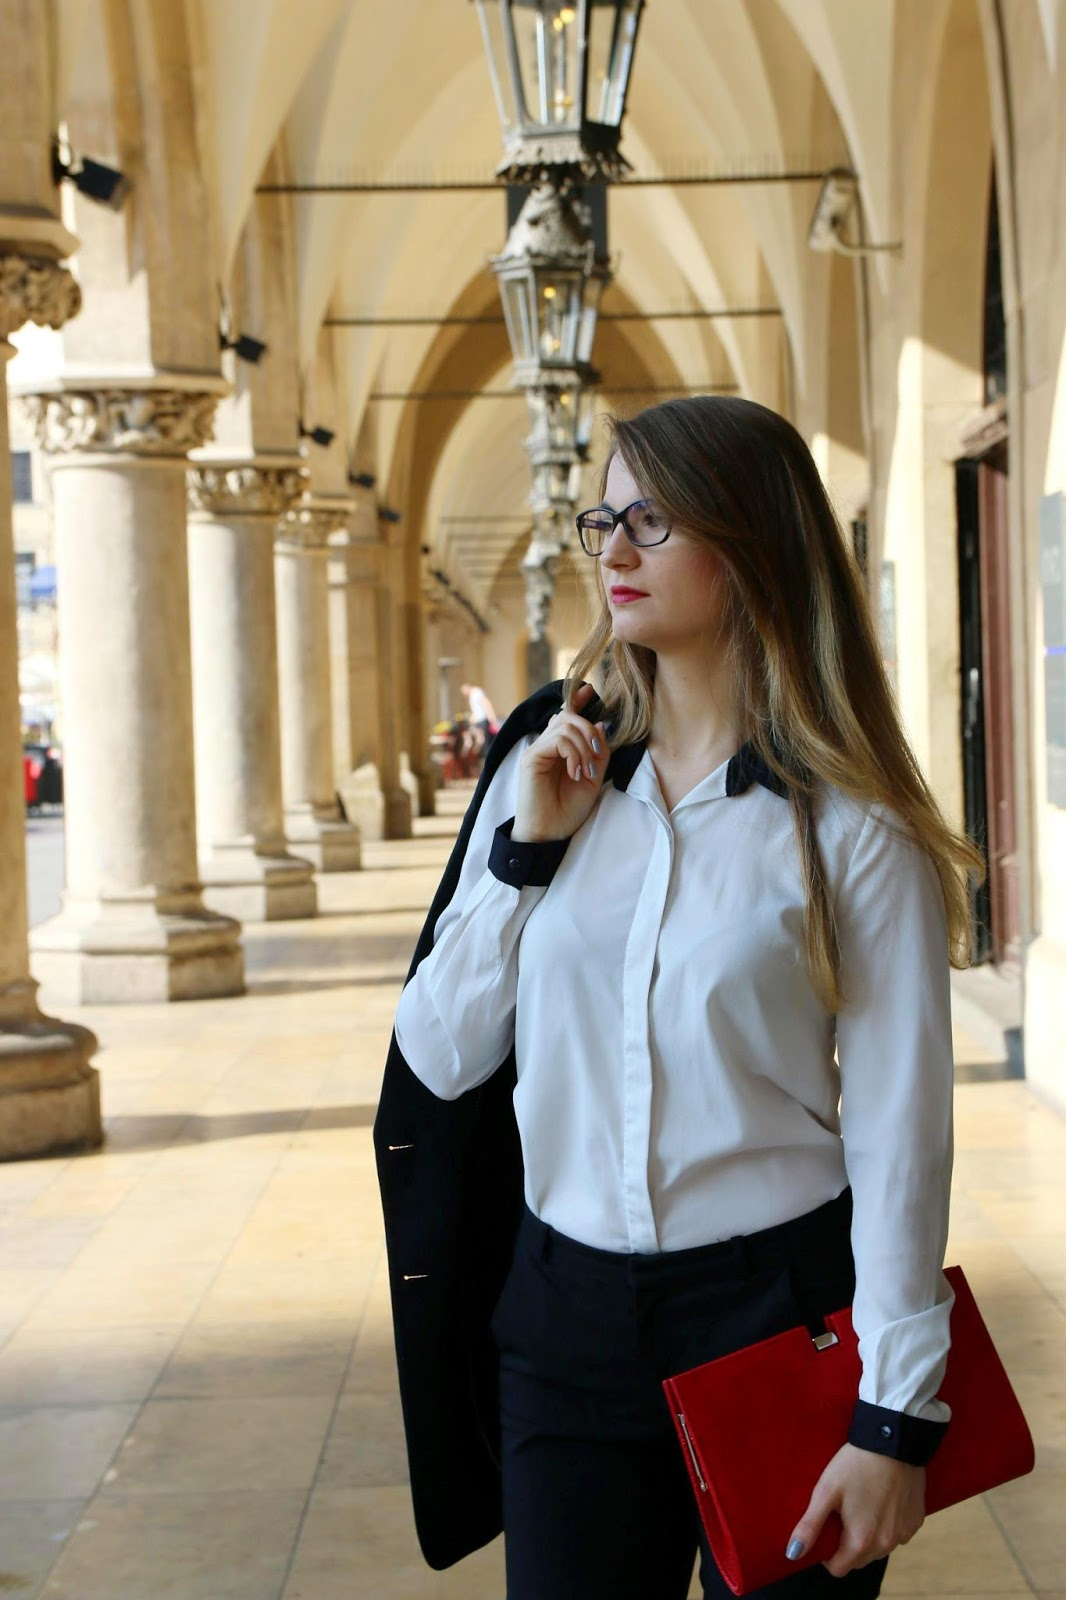 damski garnitur - marynarka biała bluzka kopertówka